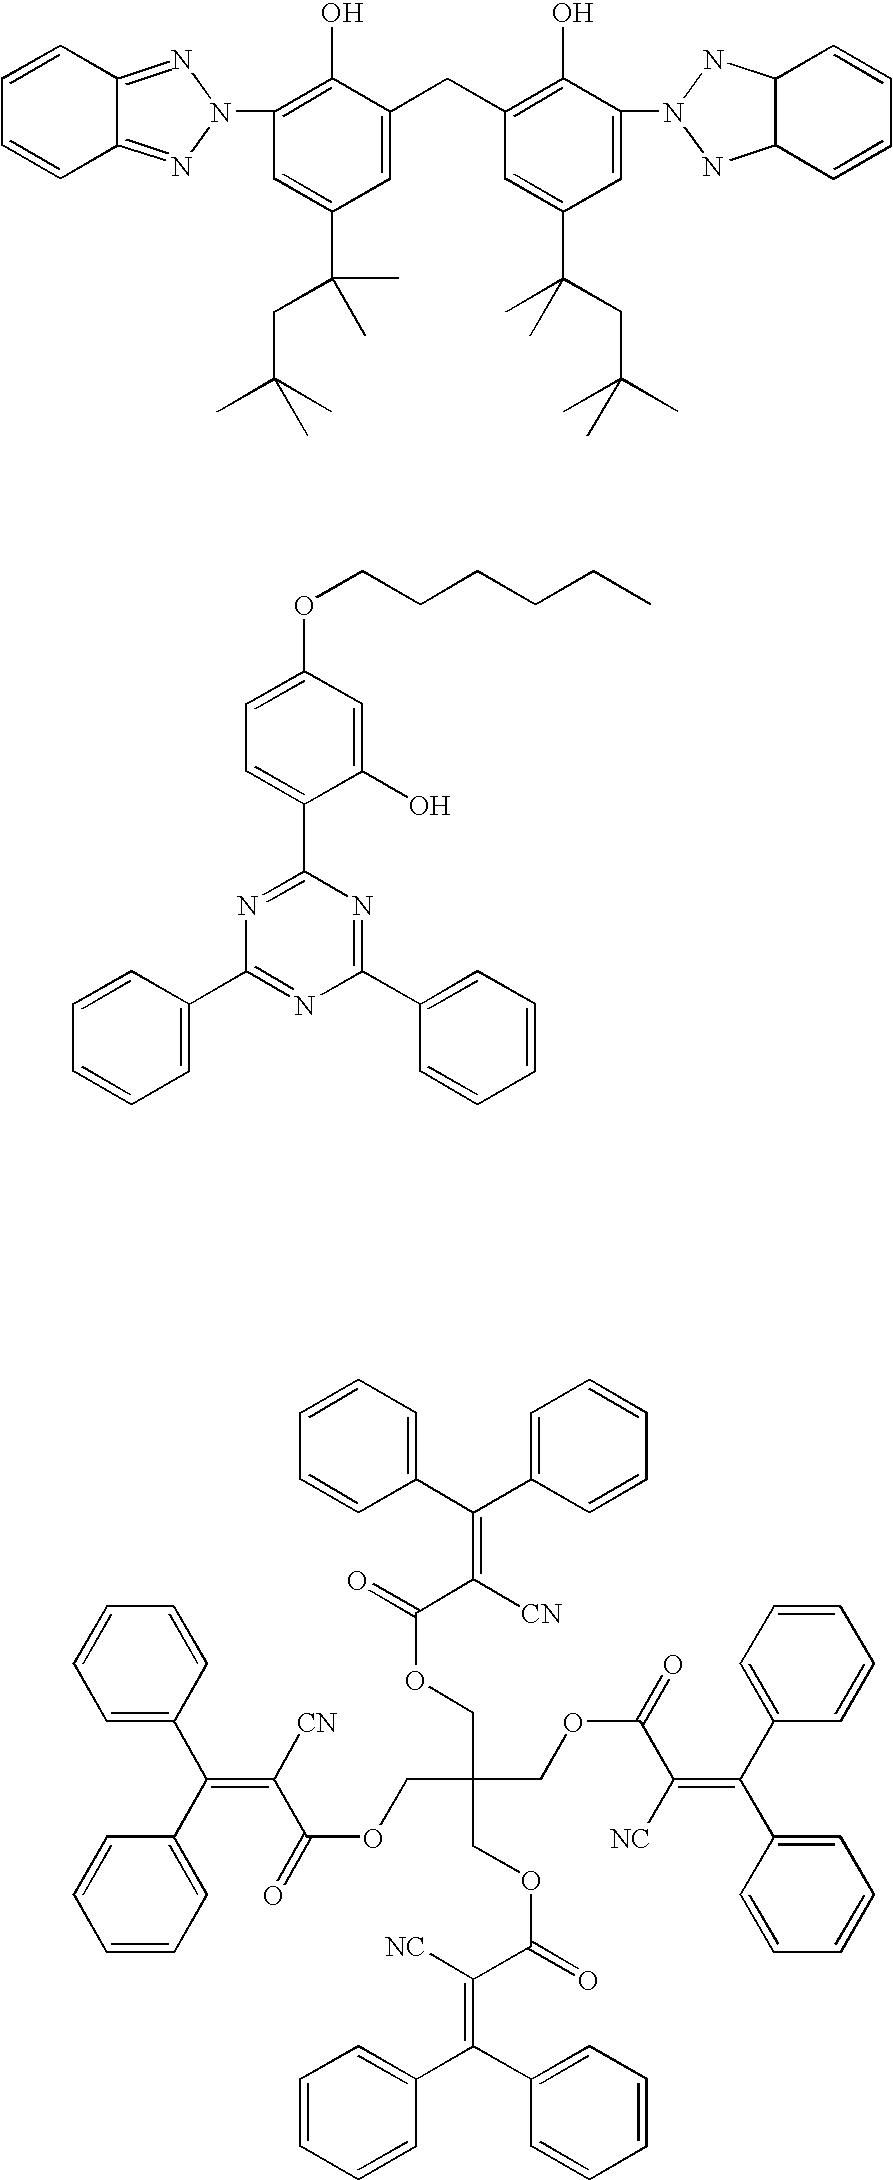 Figure US20040013882A1-20040122-C00019